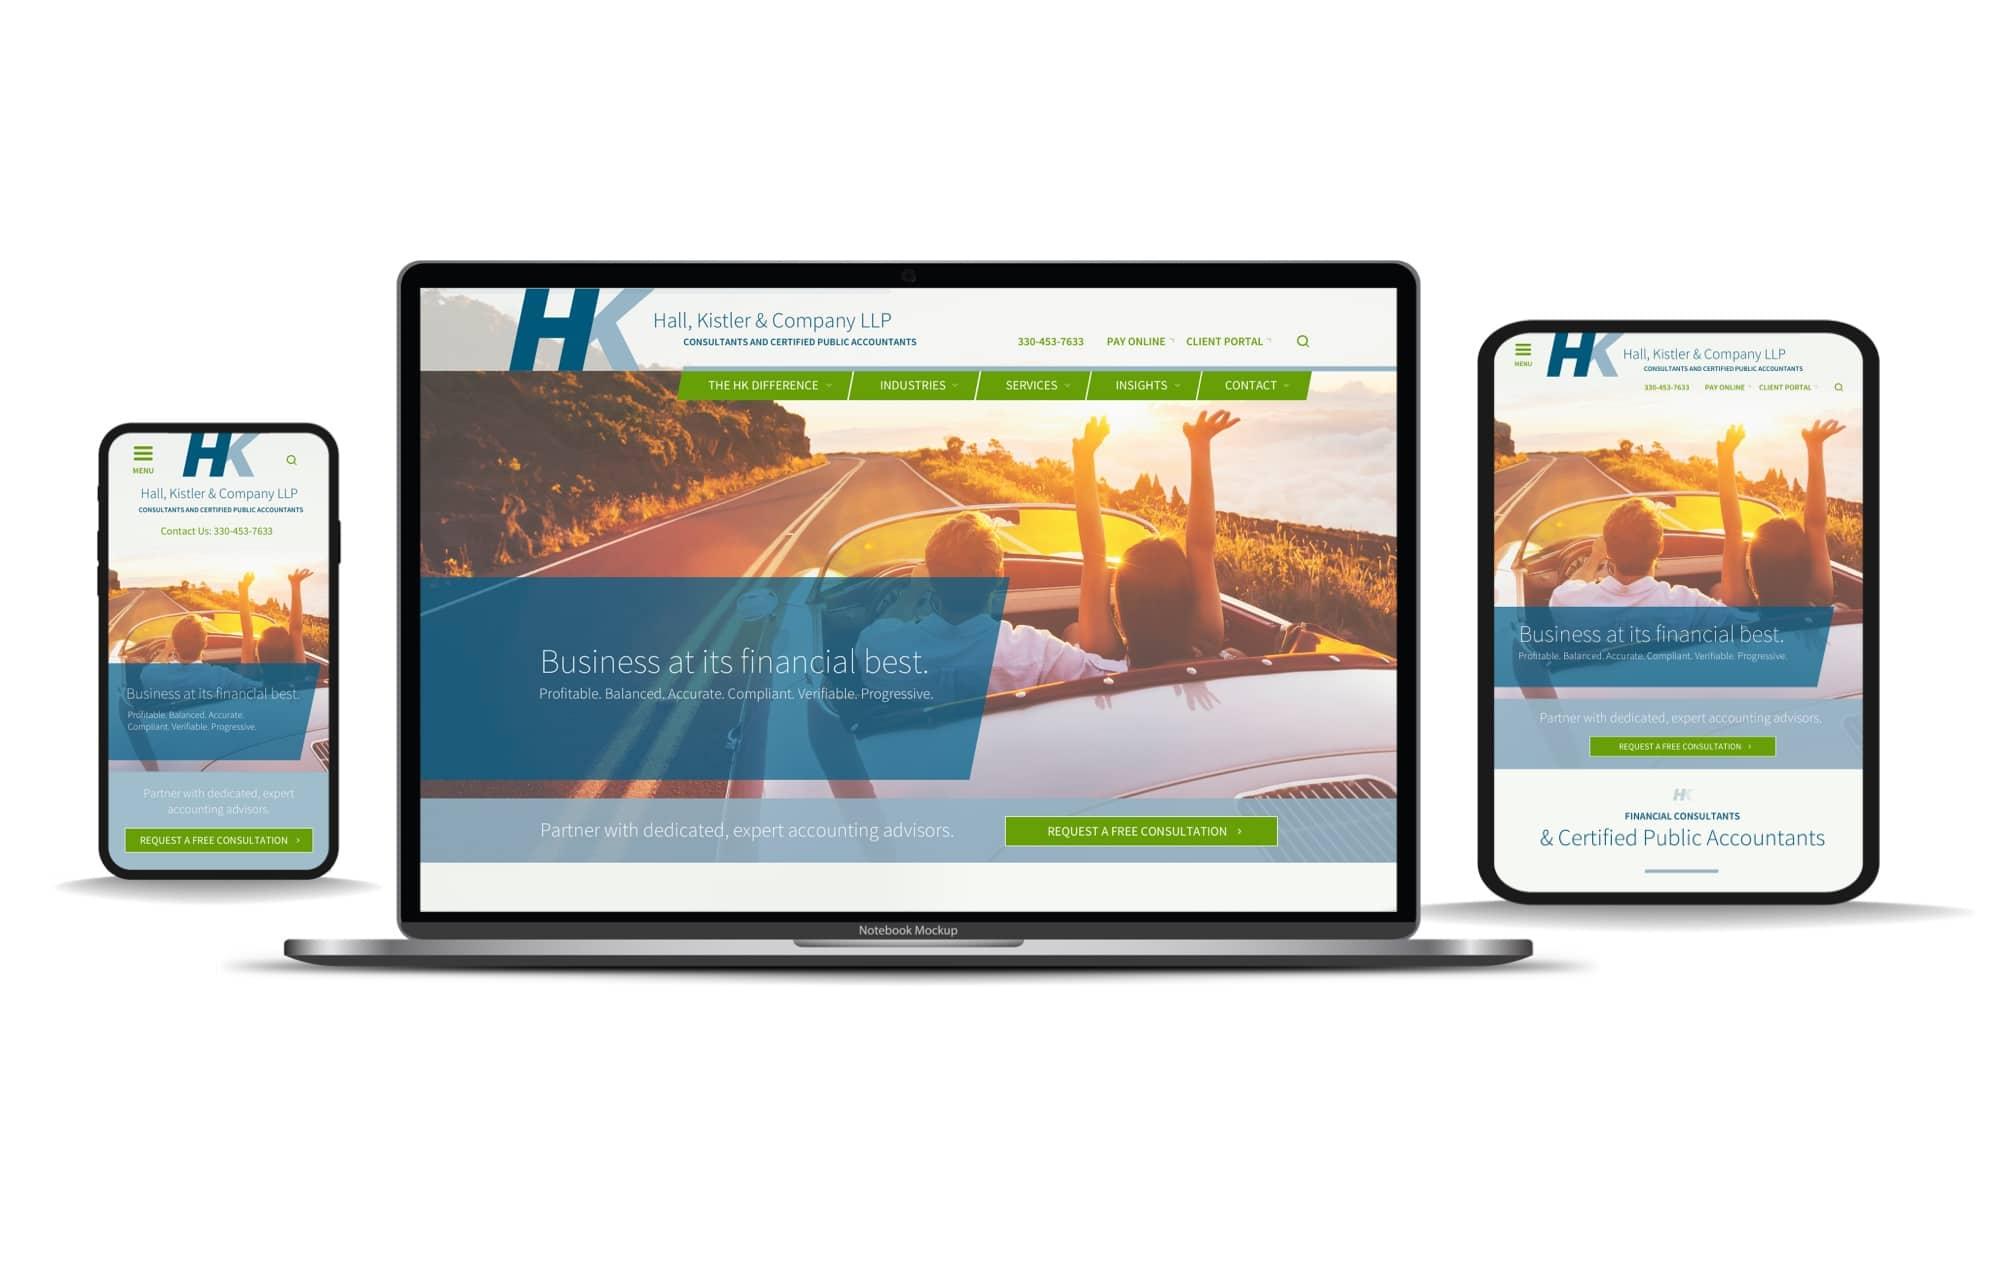 Hall-Kistler-Website-Desktop-Tablet-Mobile